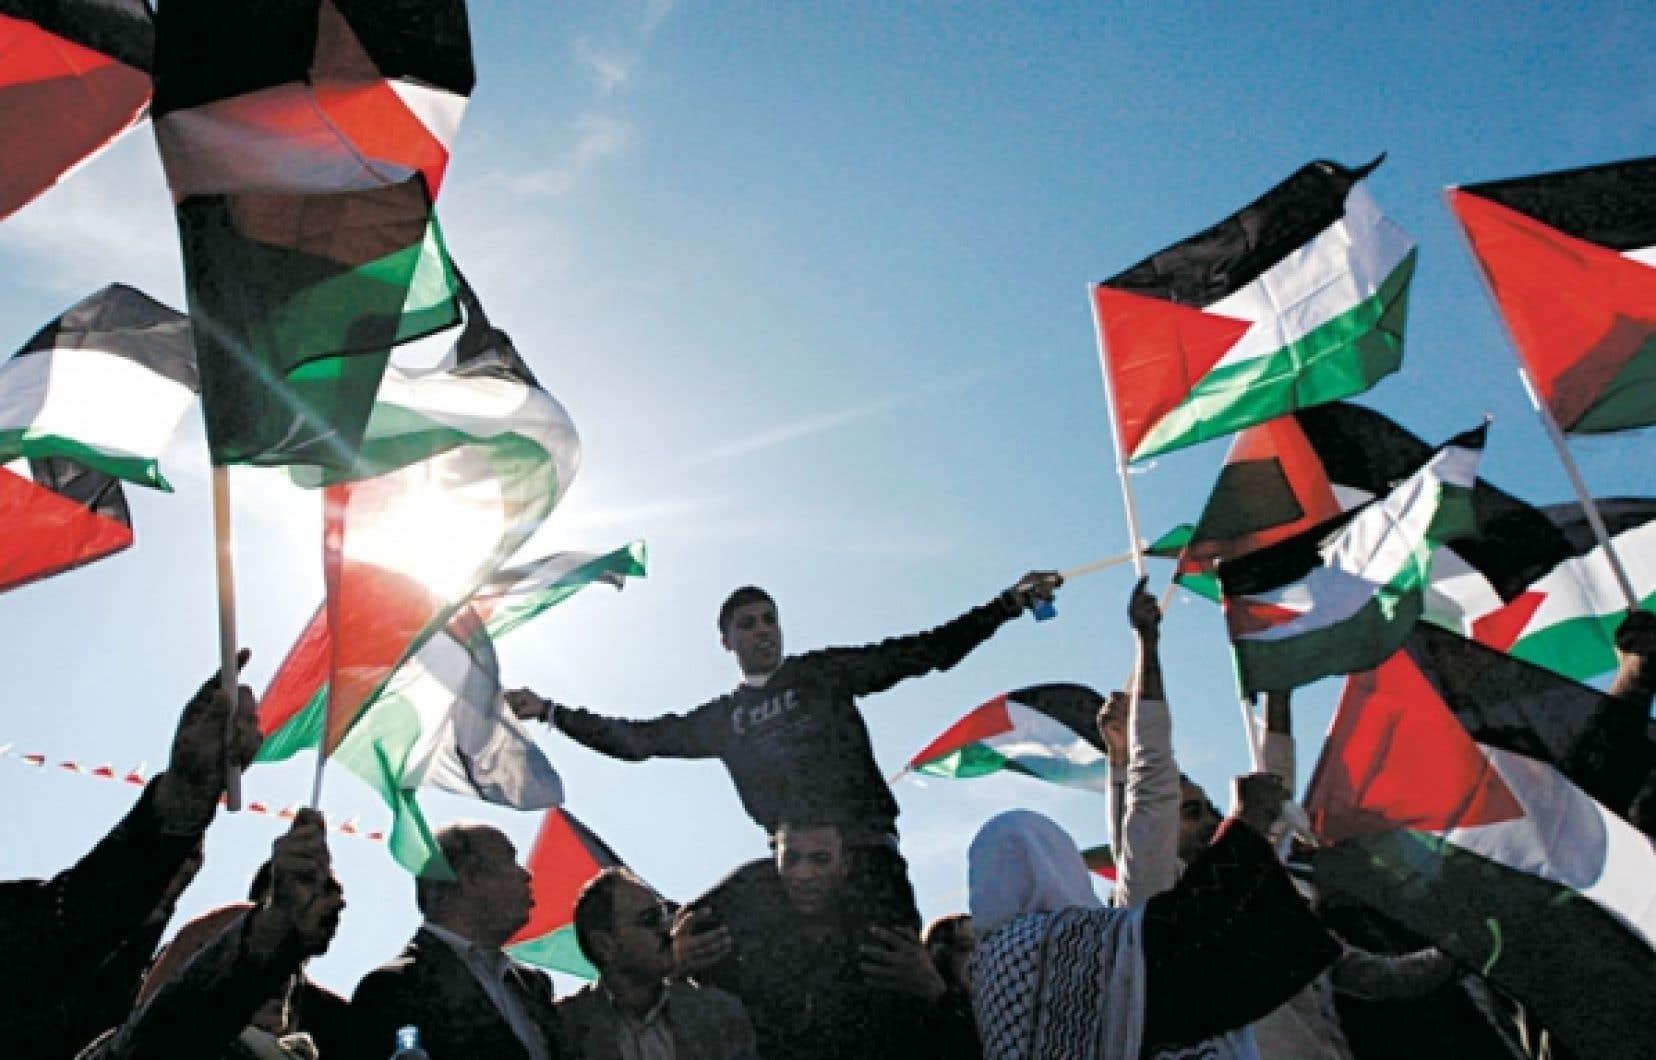 Des Palestiniens ont célébré ce week-end dans les rues de Ramallah, en Cisjordanie, la résolution faisant de la Palestine un État observateur à l'ONU.